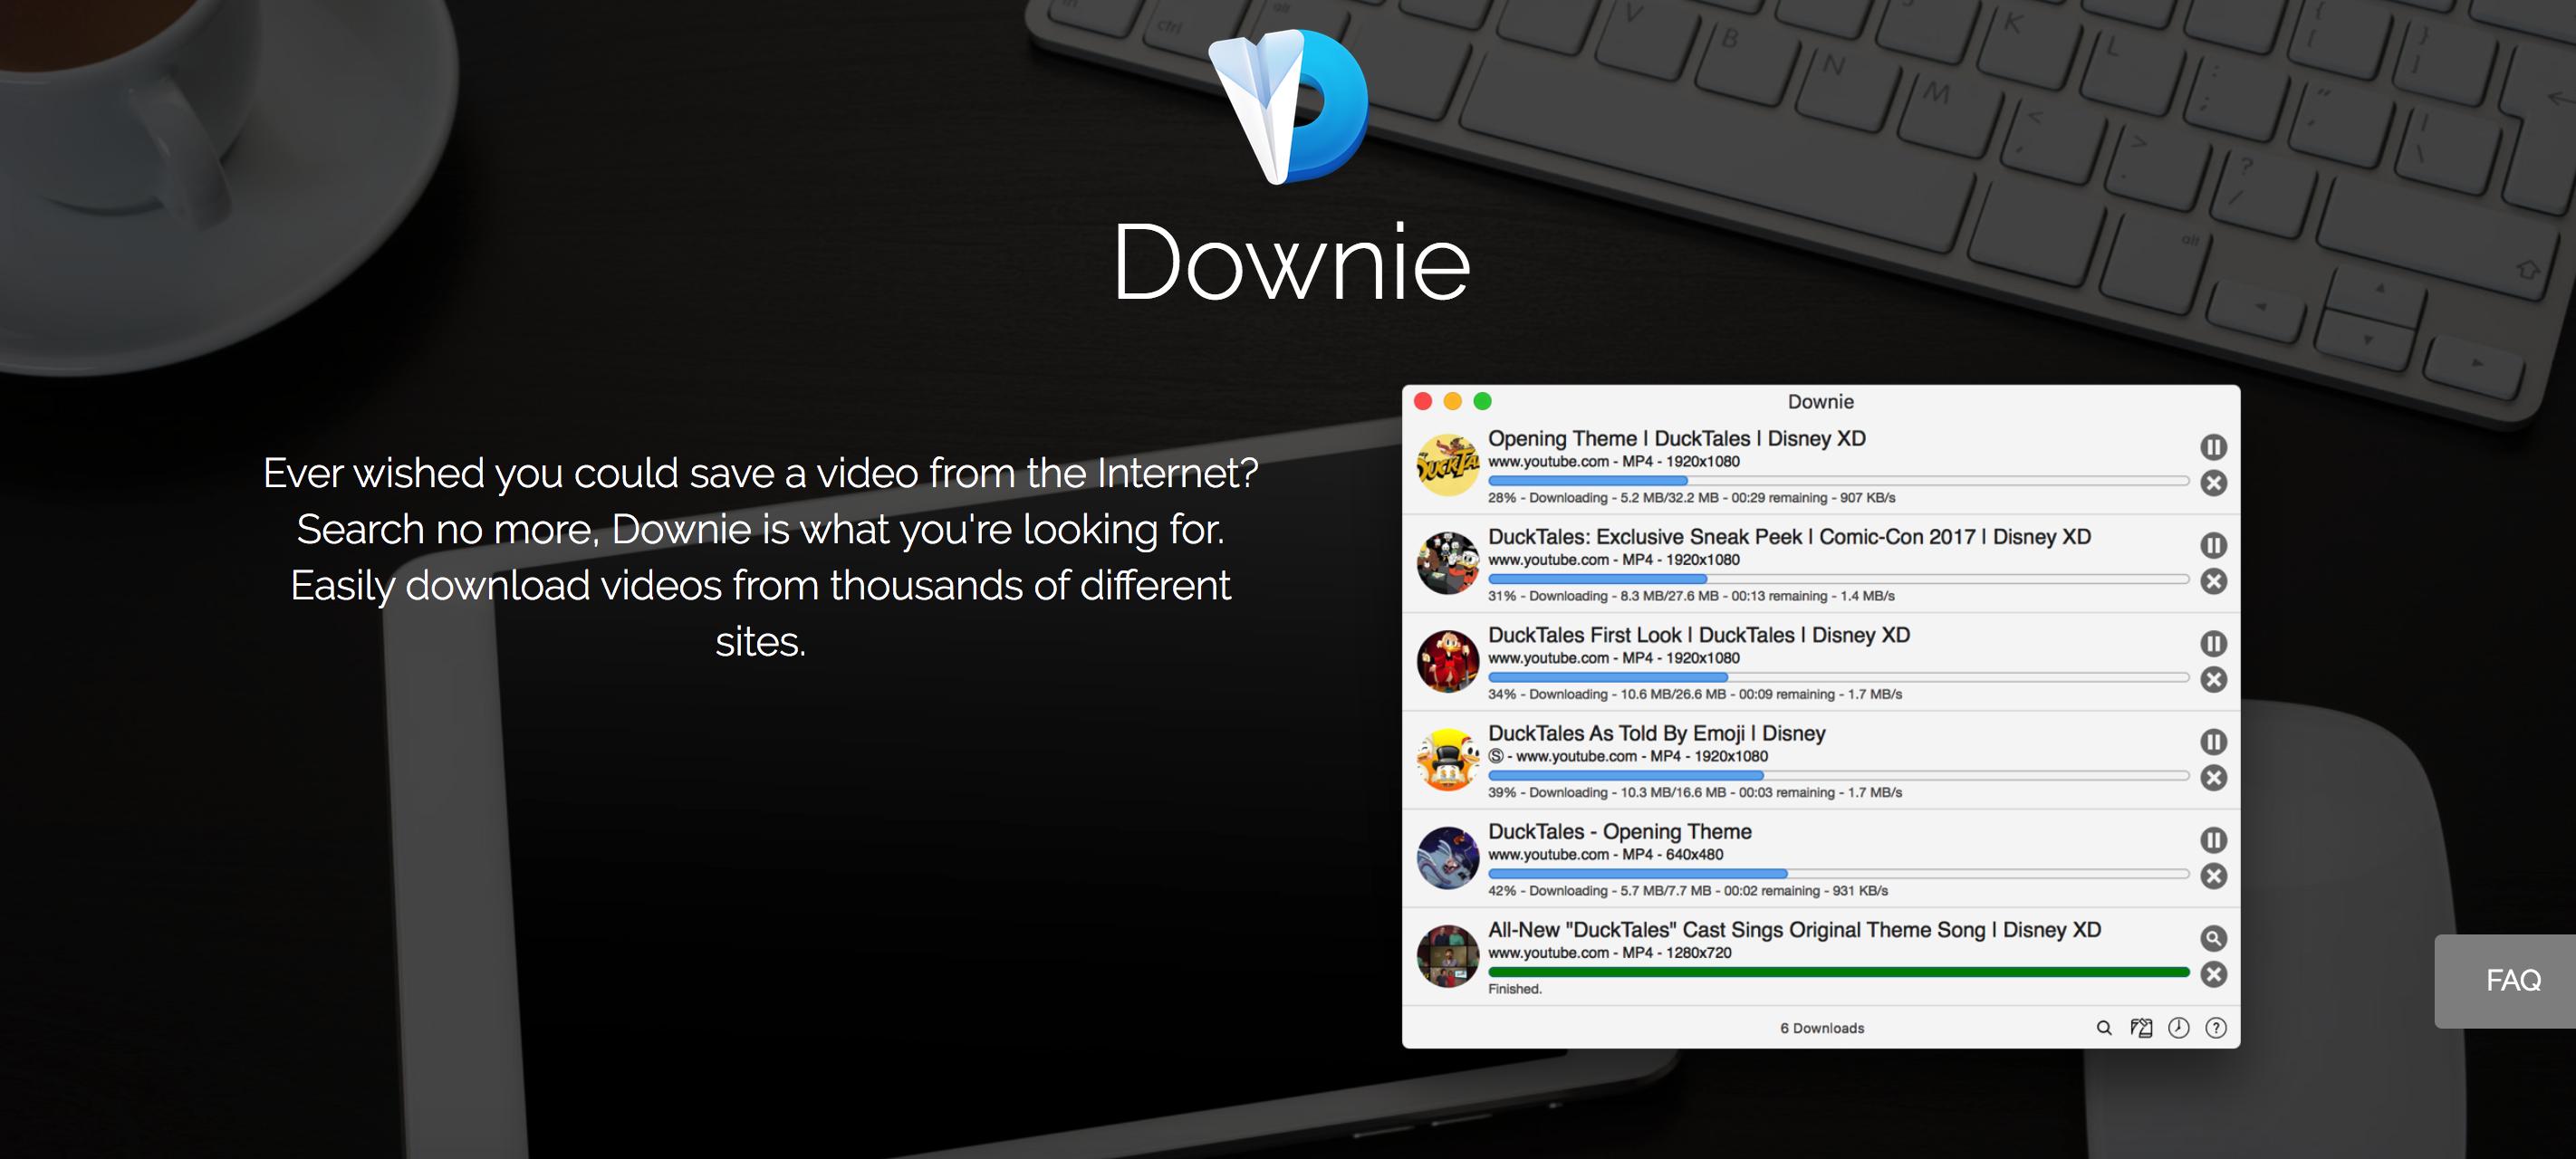 《盘点那些实用的Chrome浏览器插件》